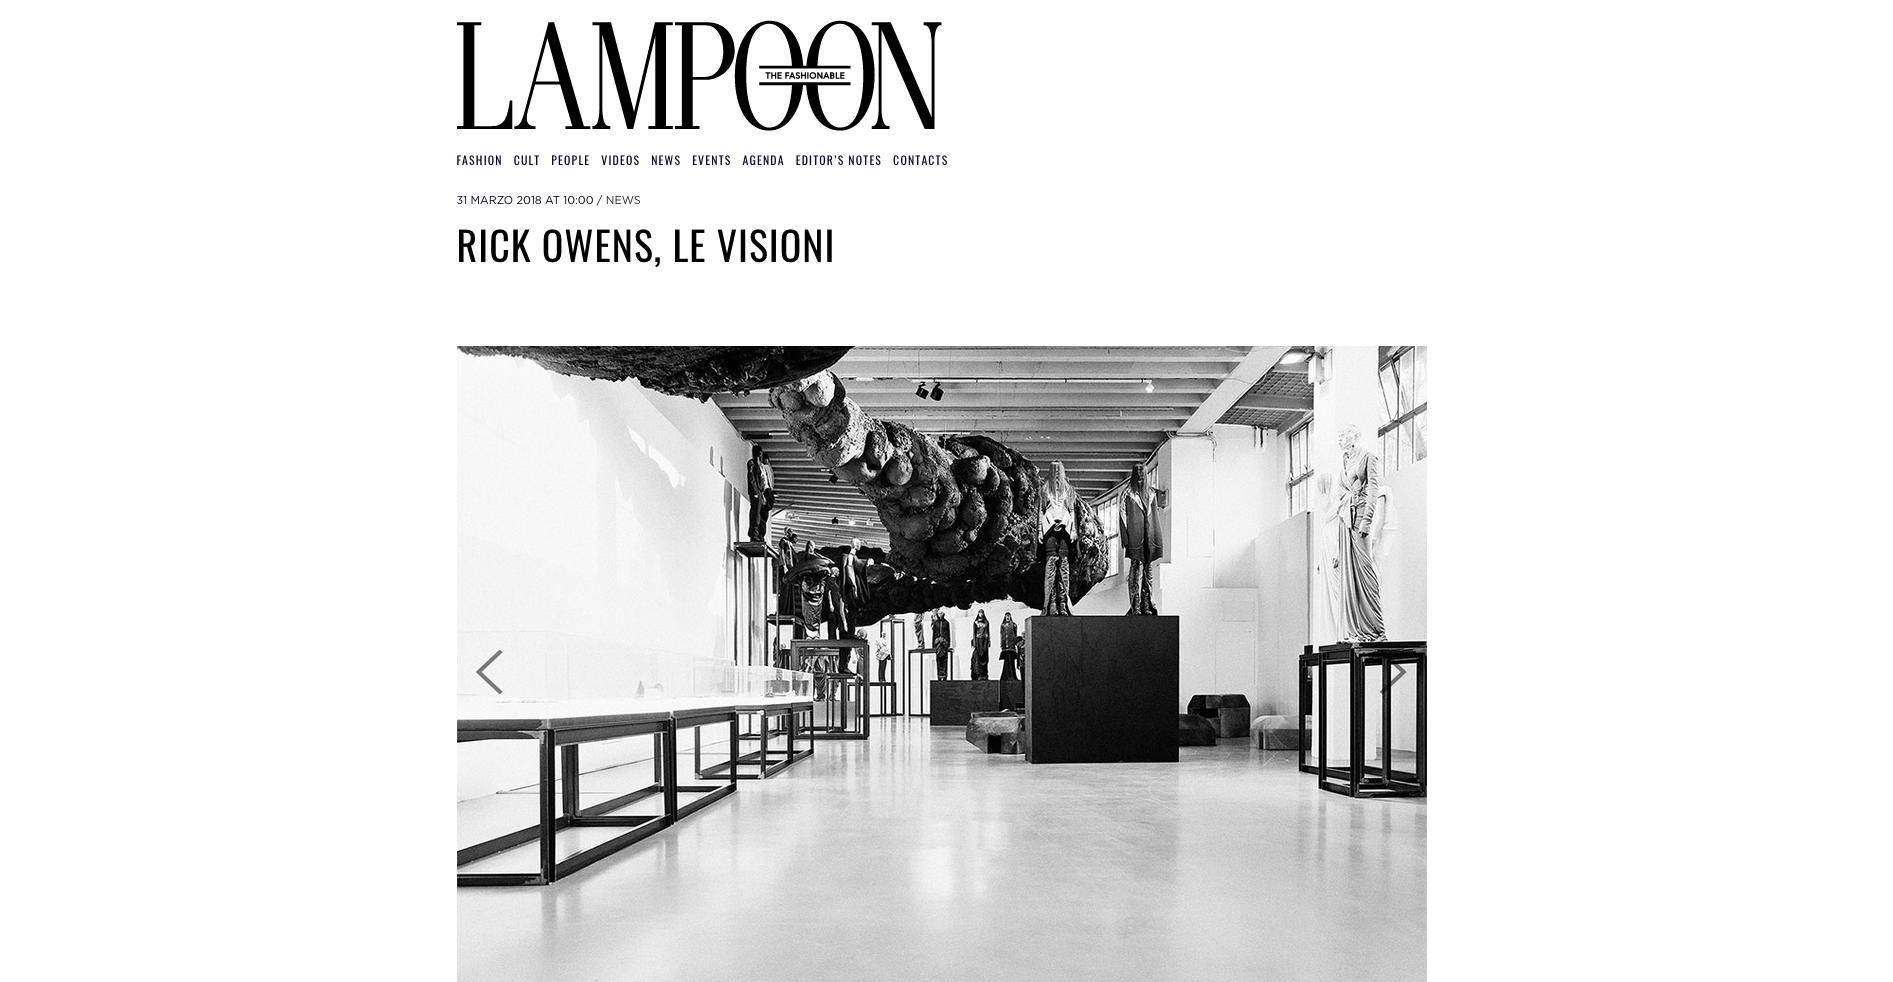 Rick Owens su Lampoon